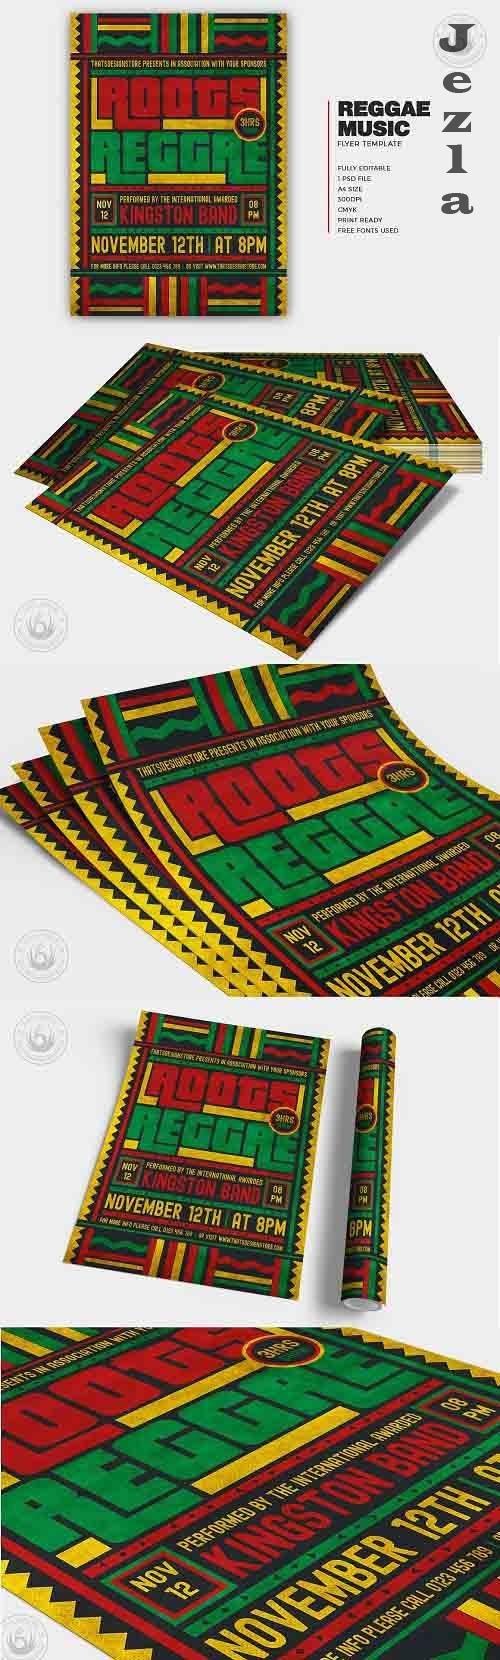 Reggae Music Flyer Template V4 - 6046985